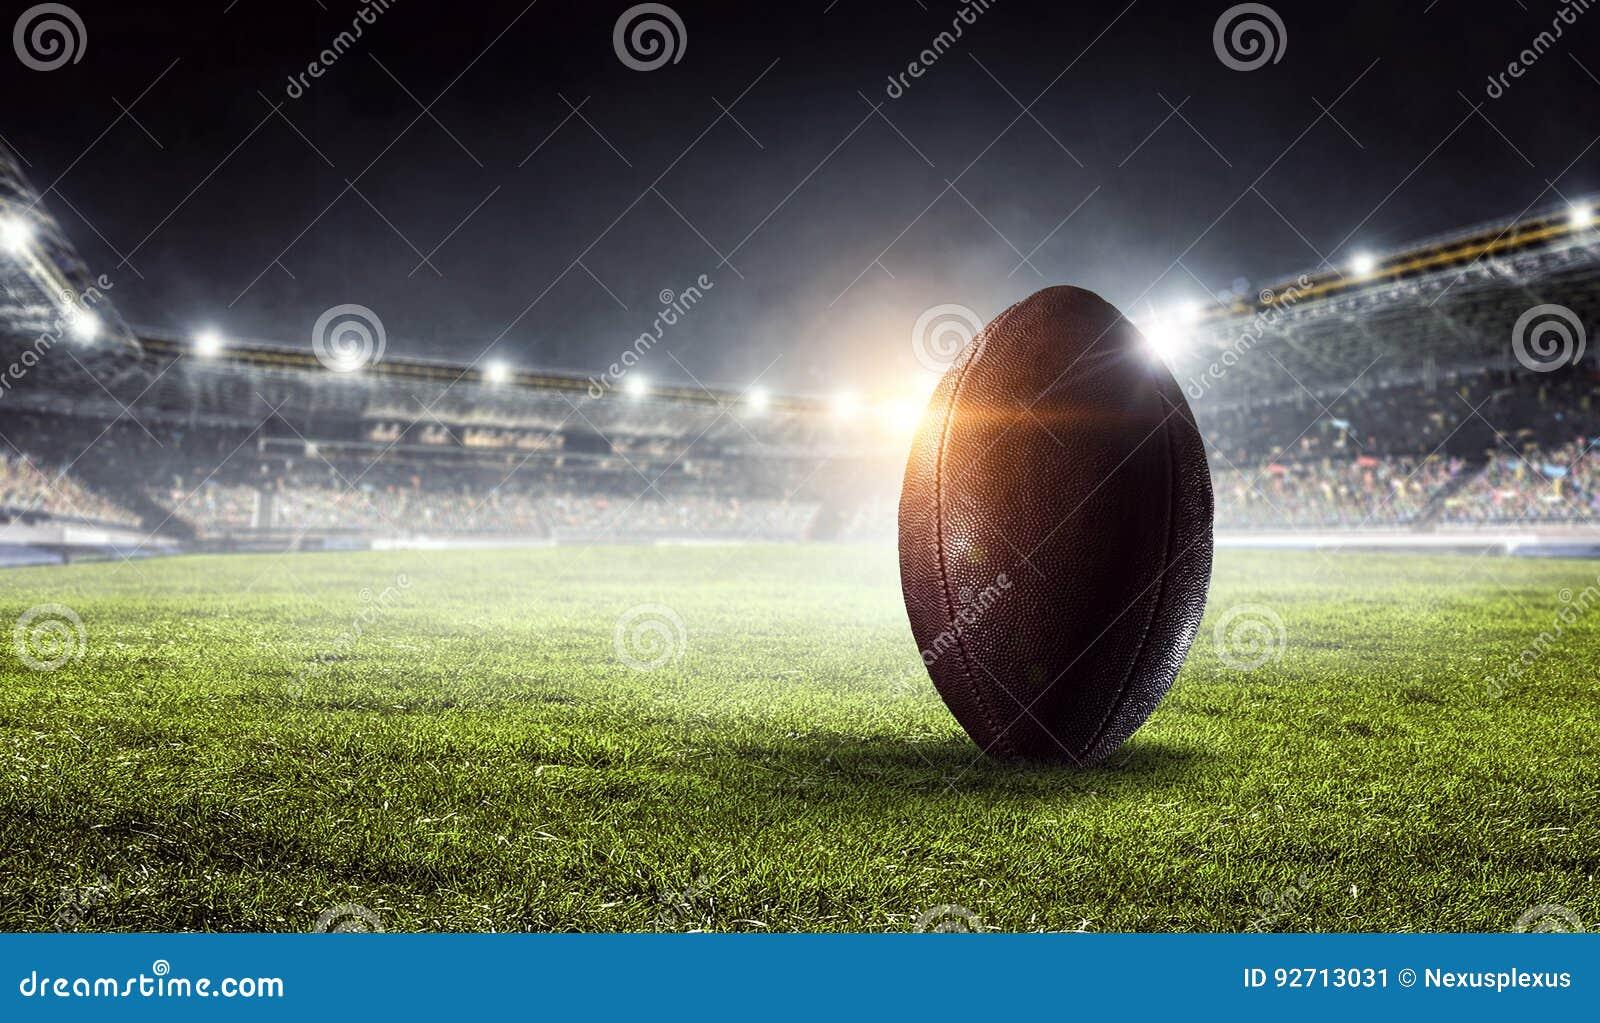 橄榄球竞技场 混合画法 混合画法